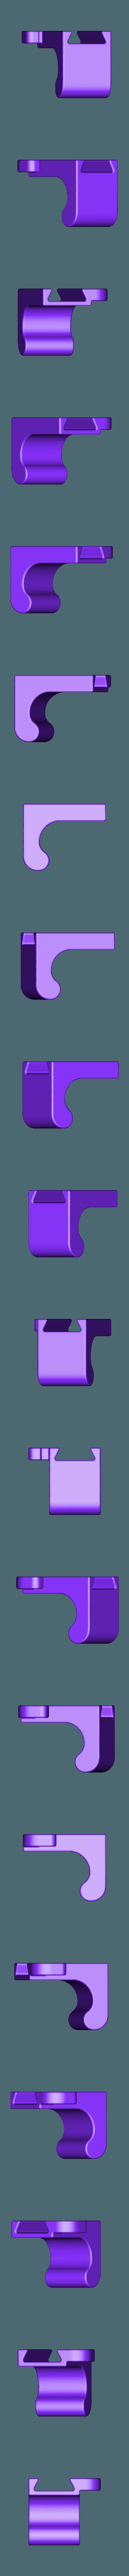 gancho.stl Télécharger fichier STL gratuit Support de téléphone pour écran de navigation des médias • Objet pour imprimante 3D, filaprim3d